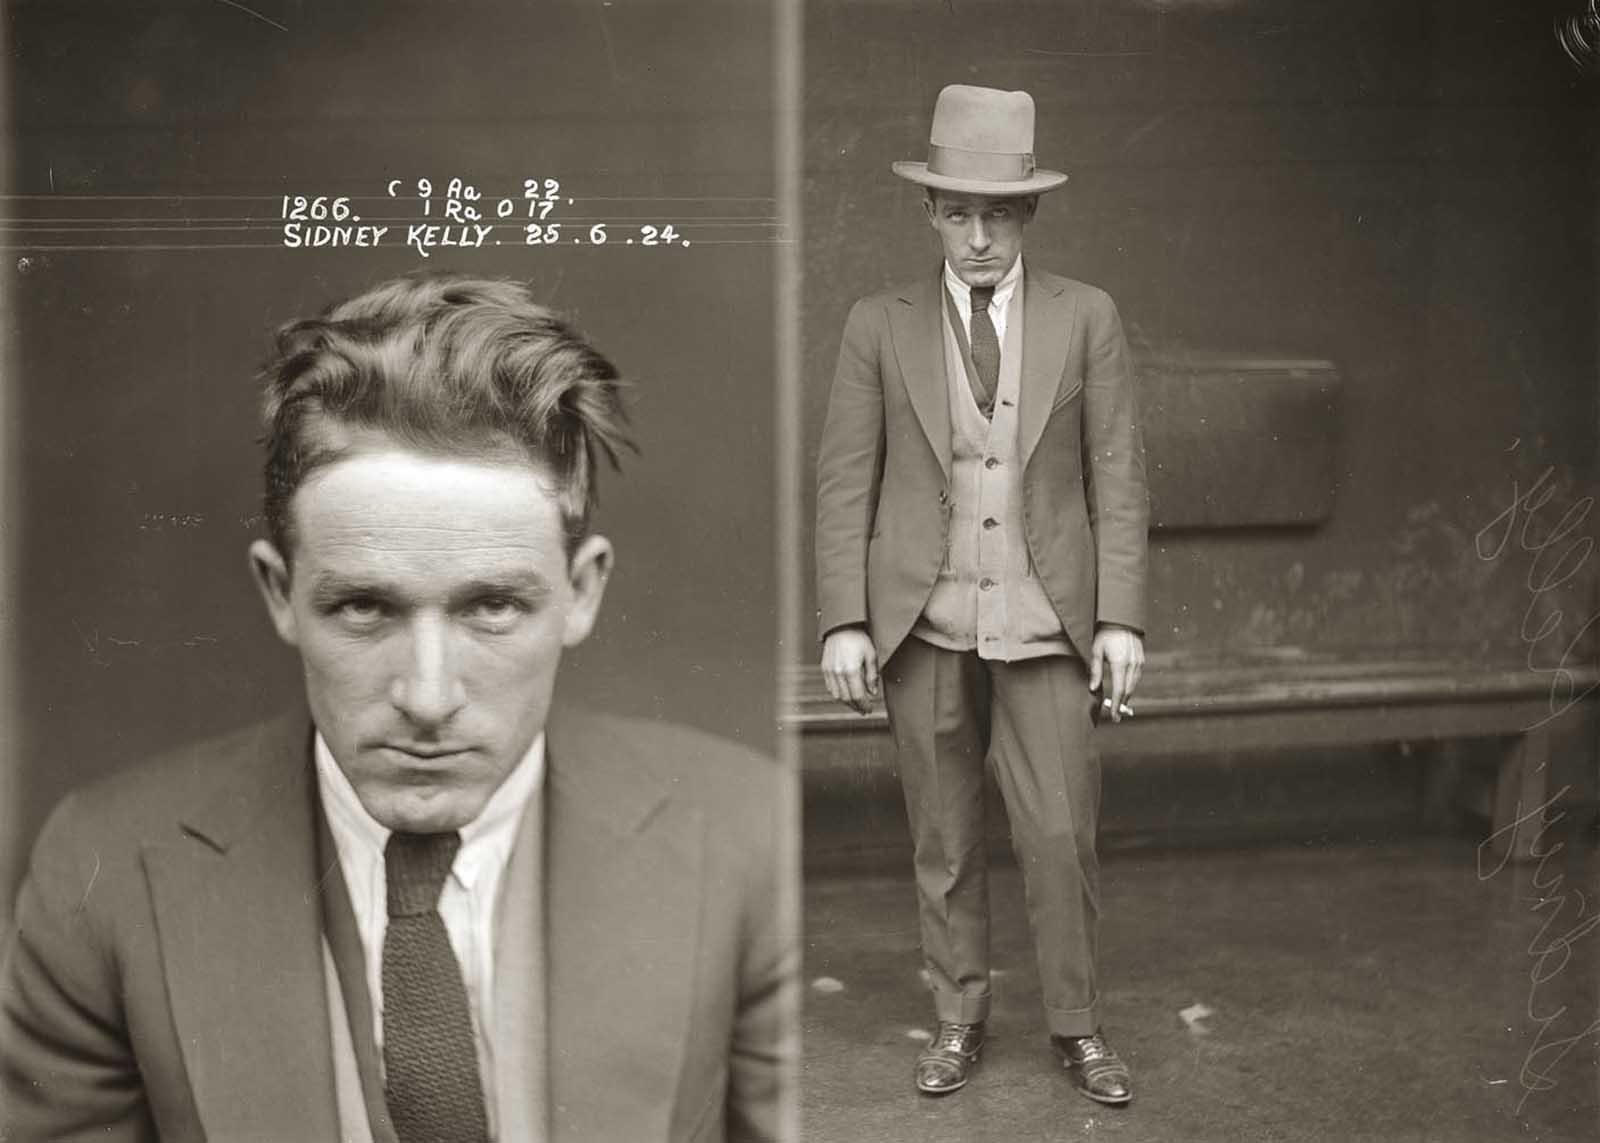 Sidney Kelly. 1924.